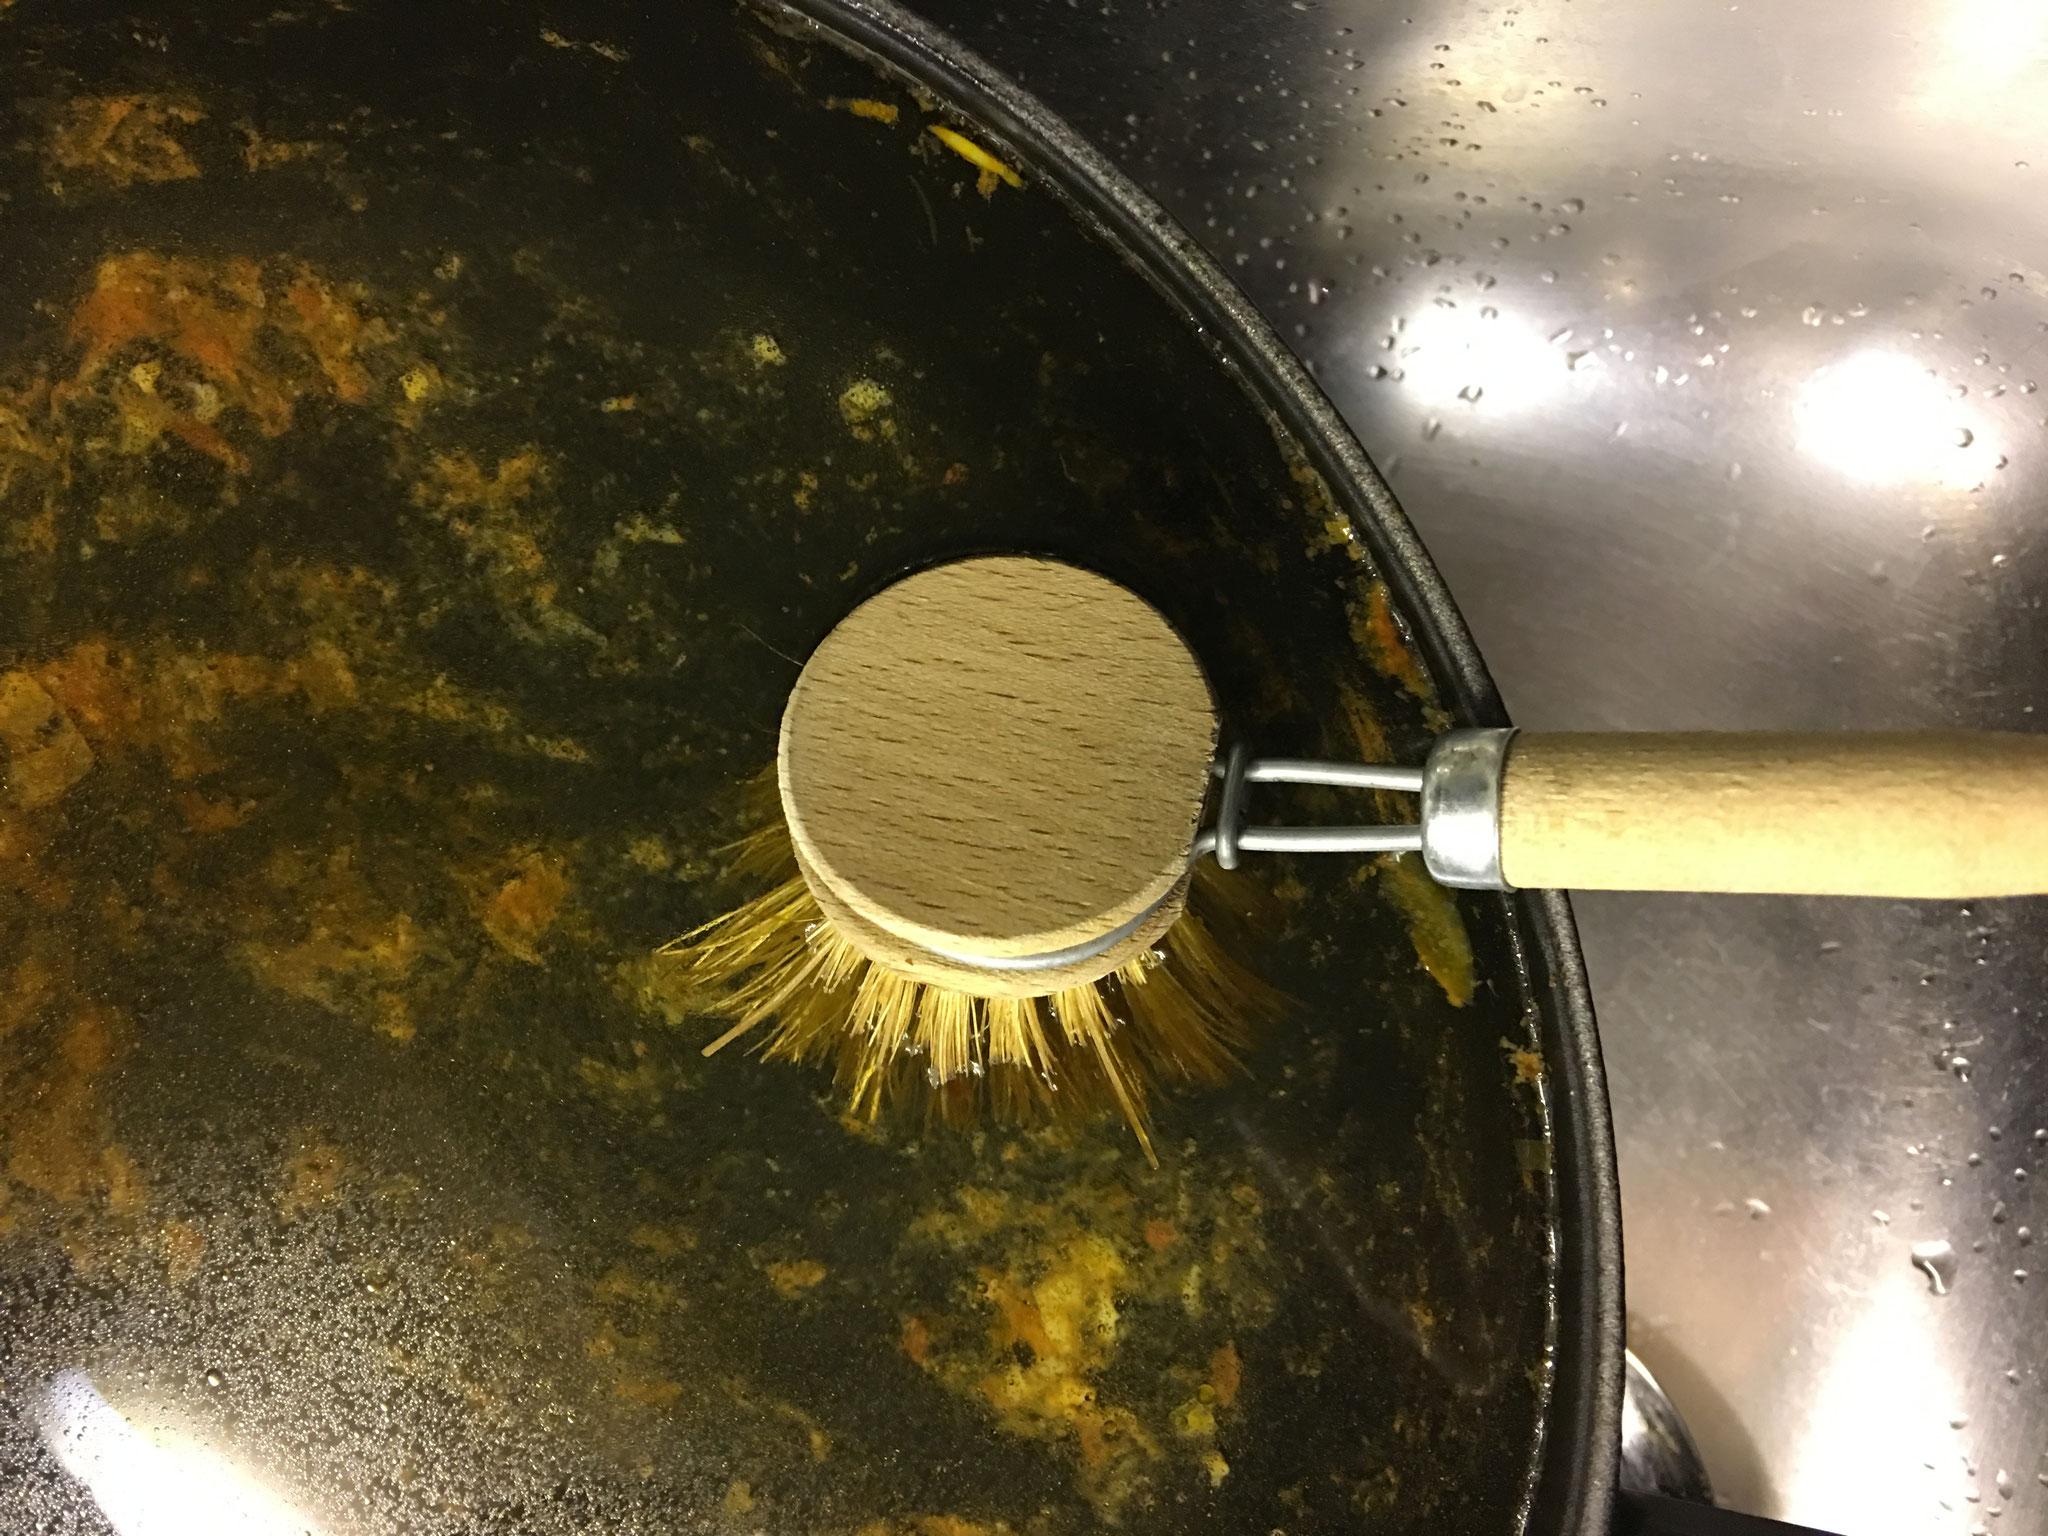 Dann mit einer Spülbürste die Speisereste komplett lösen.